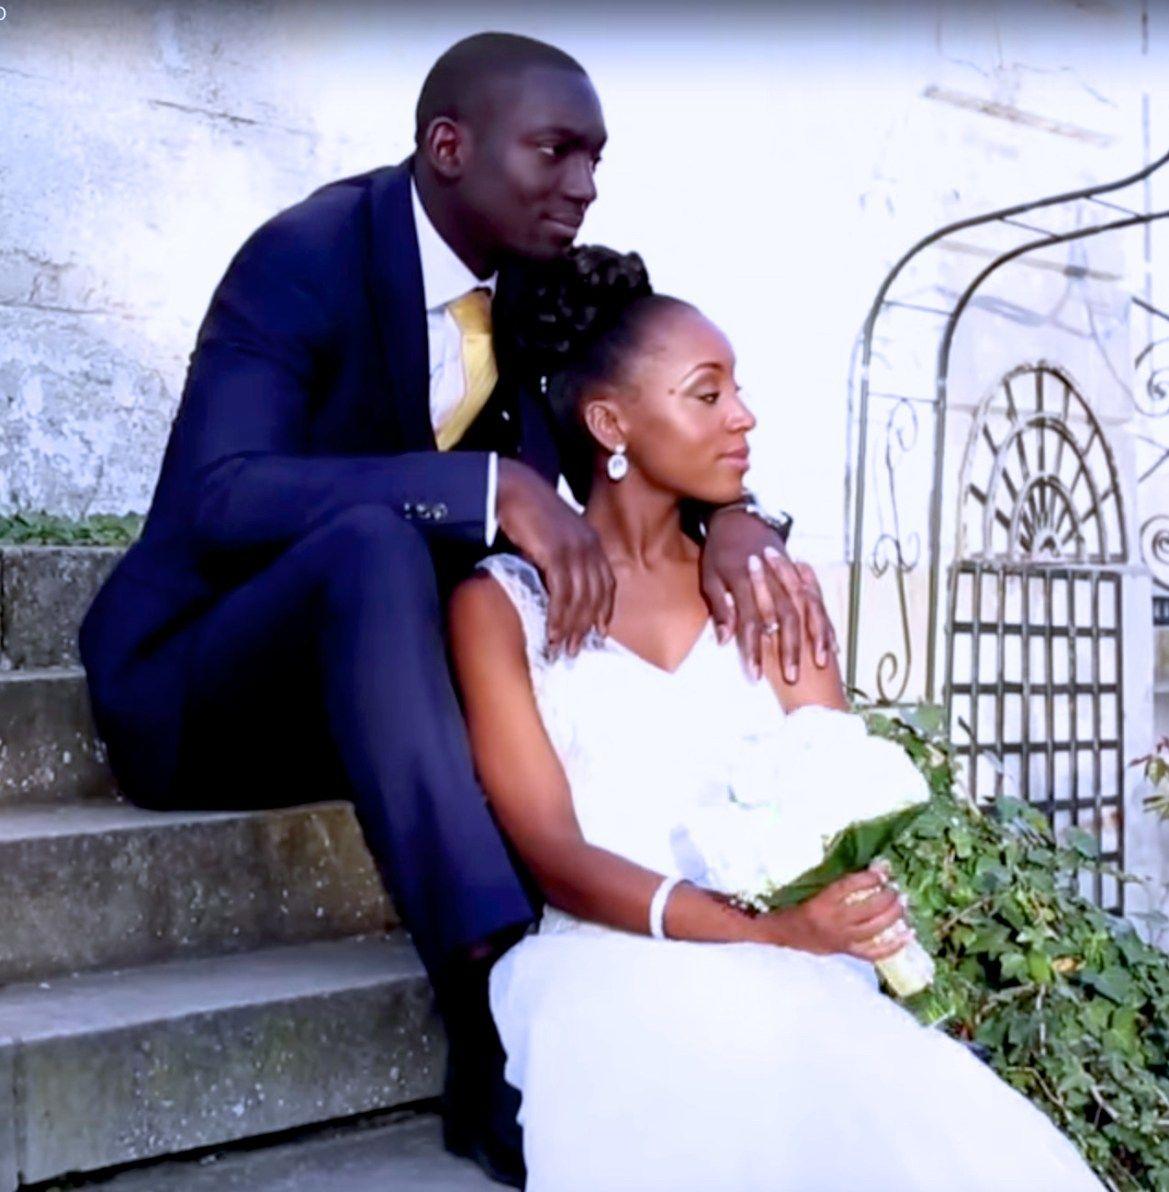 Mariage Haiti Benin A Paris Dhuama Traiteur Africain Mariage Haiti